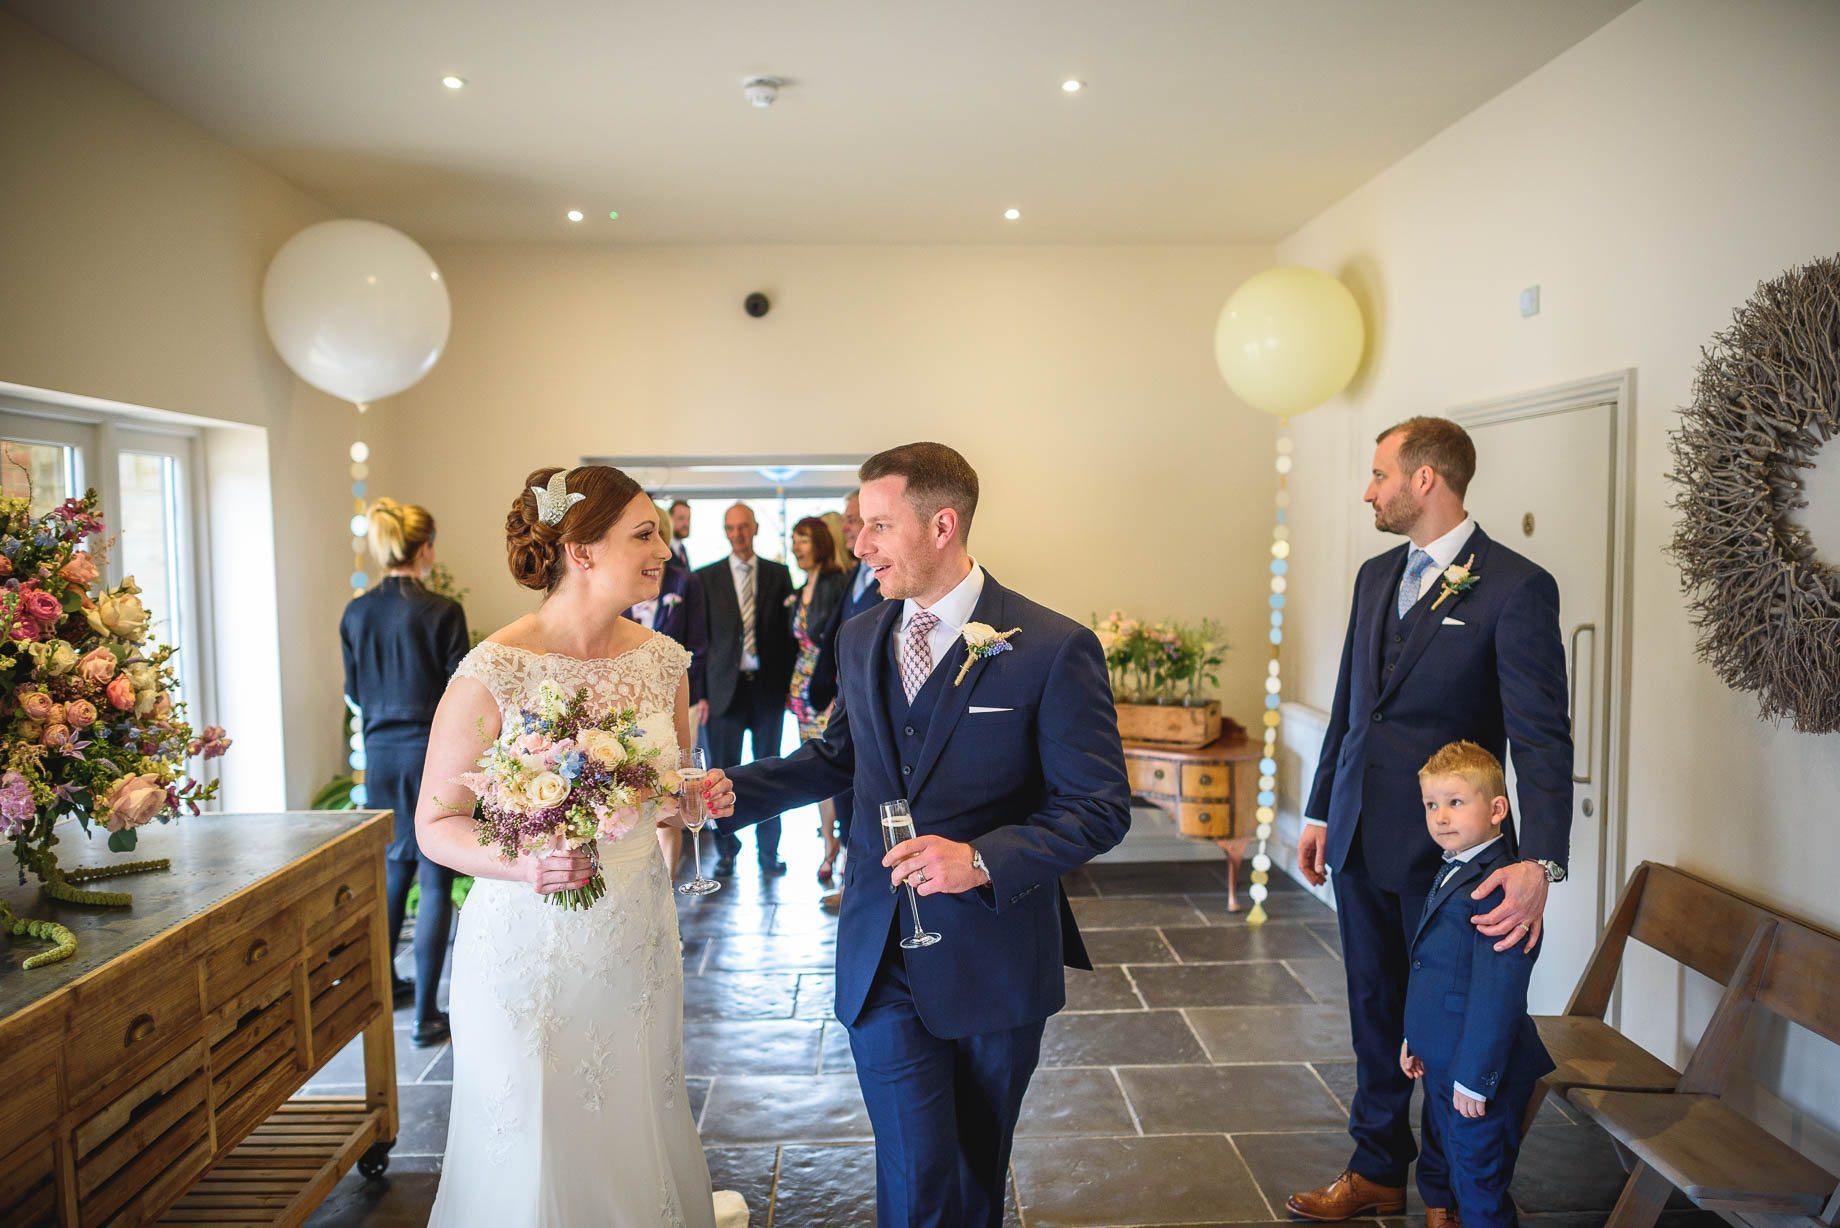 Millbridge Court Wedding Photography - Lisa and Daniel (66 of 173)